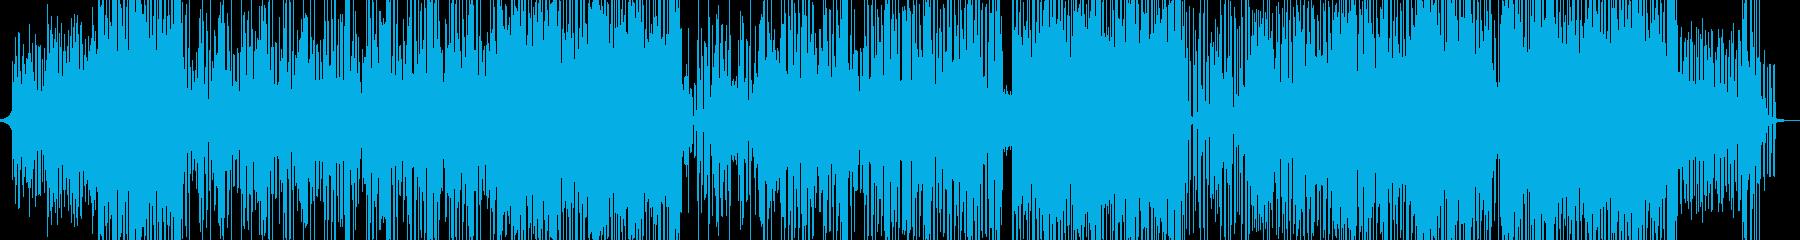 まったりとほろ酔い気分のレゲェ 長尺の再生済みの波形